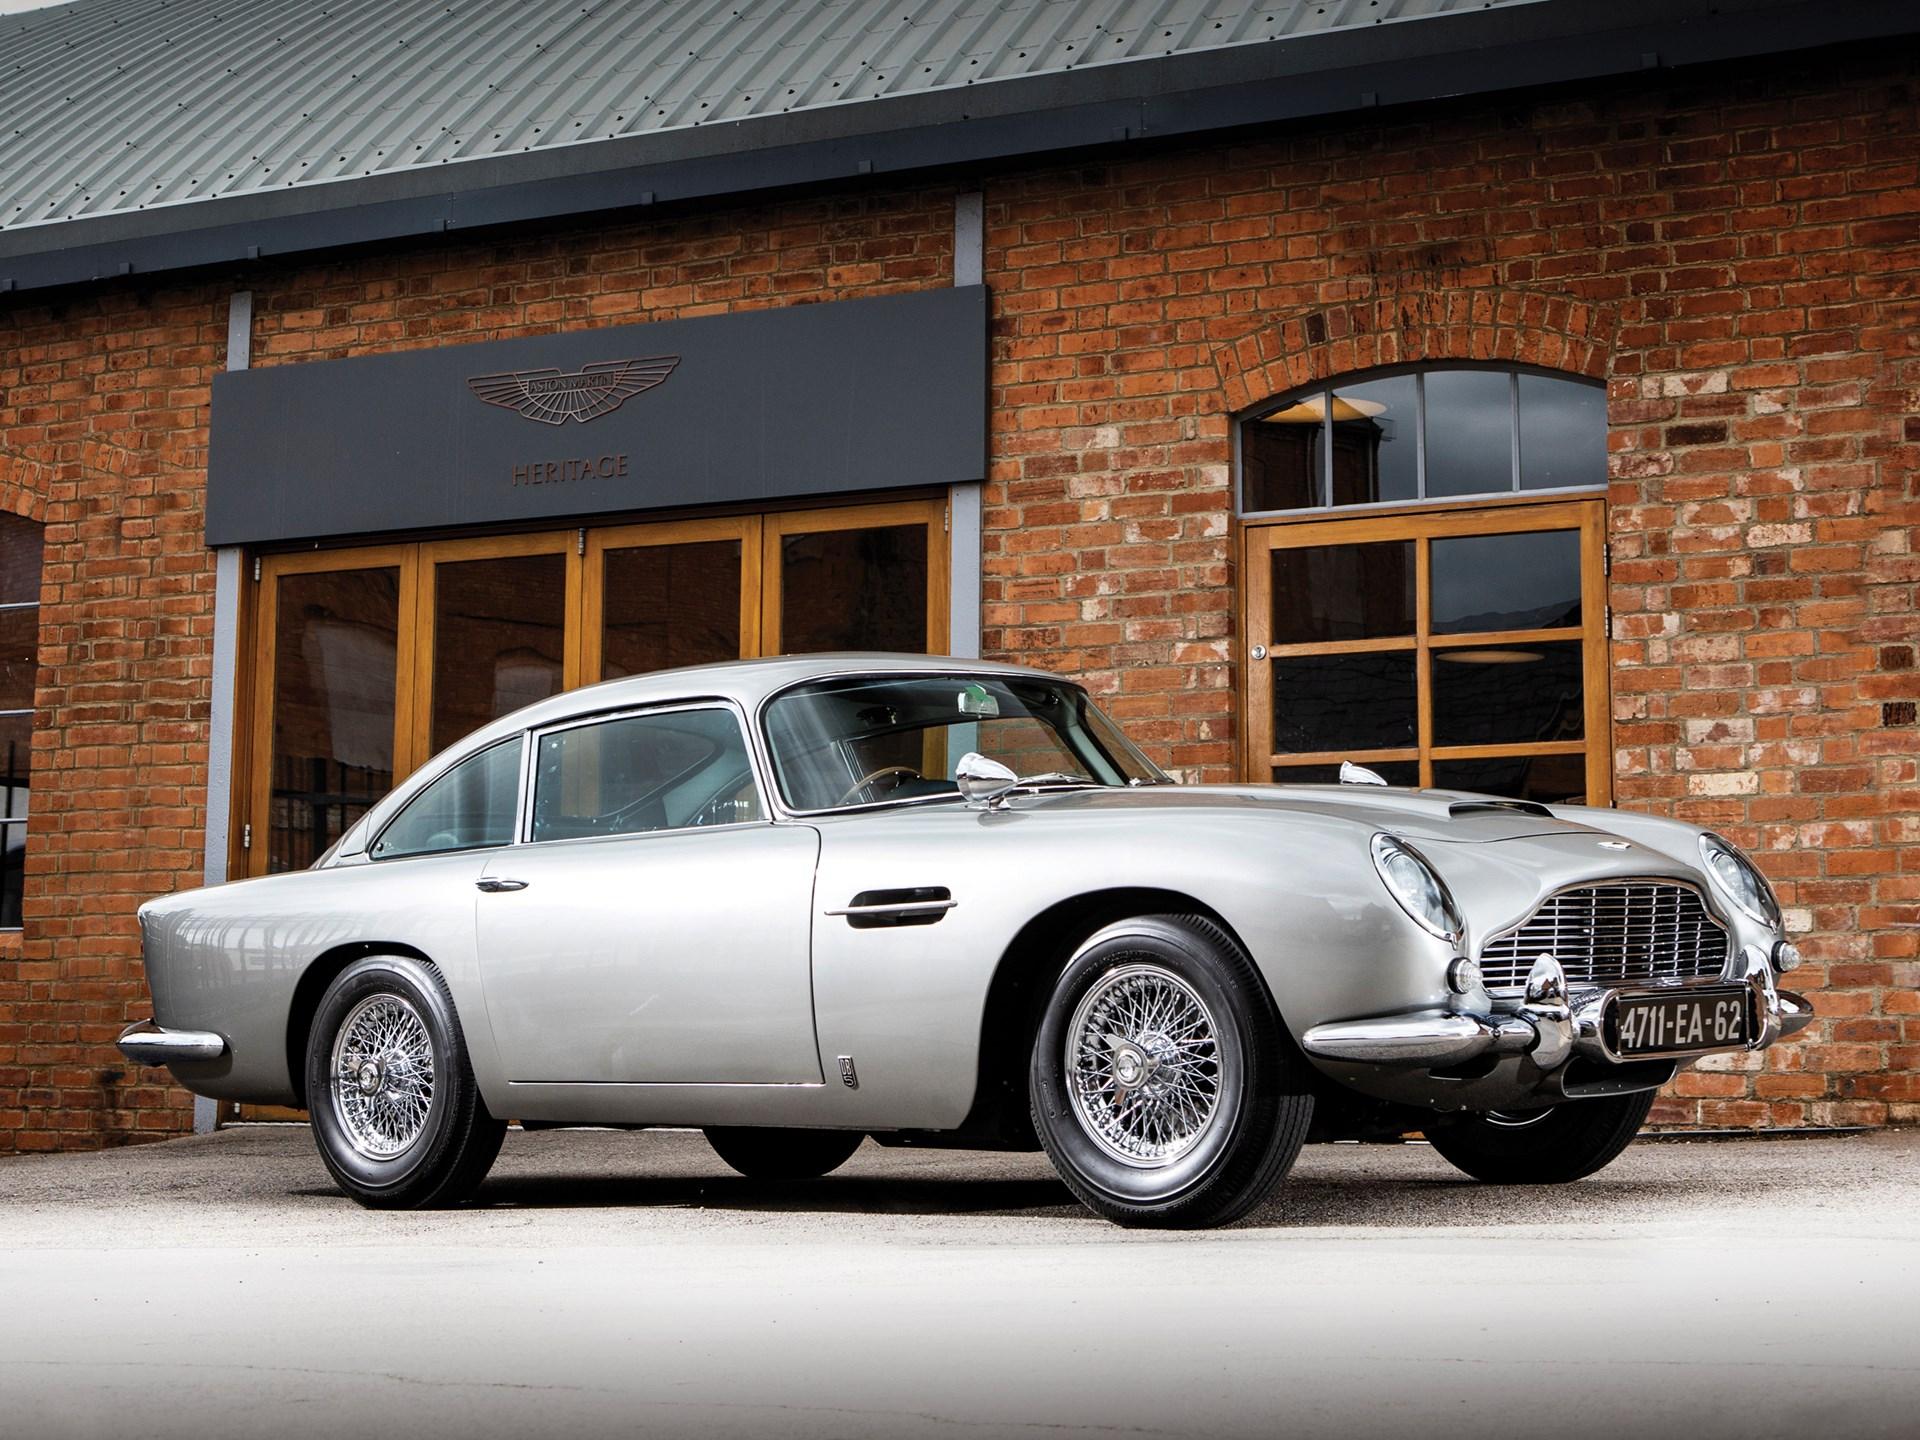 Aston Martin DB5 1965 года, построенный для кинофильма «Шаровая молния», продан в Монтерее на аукционе Sotheby's за астрономическую цену.